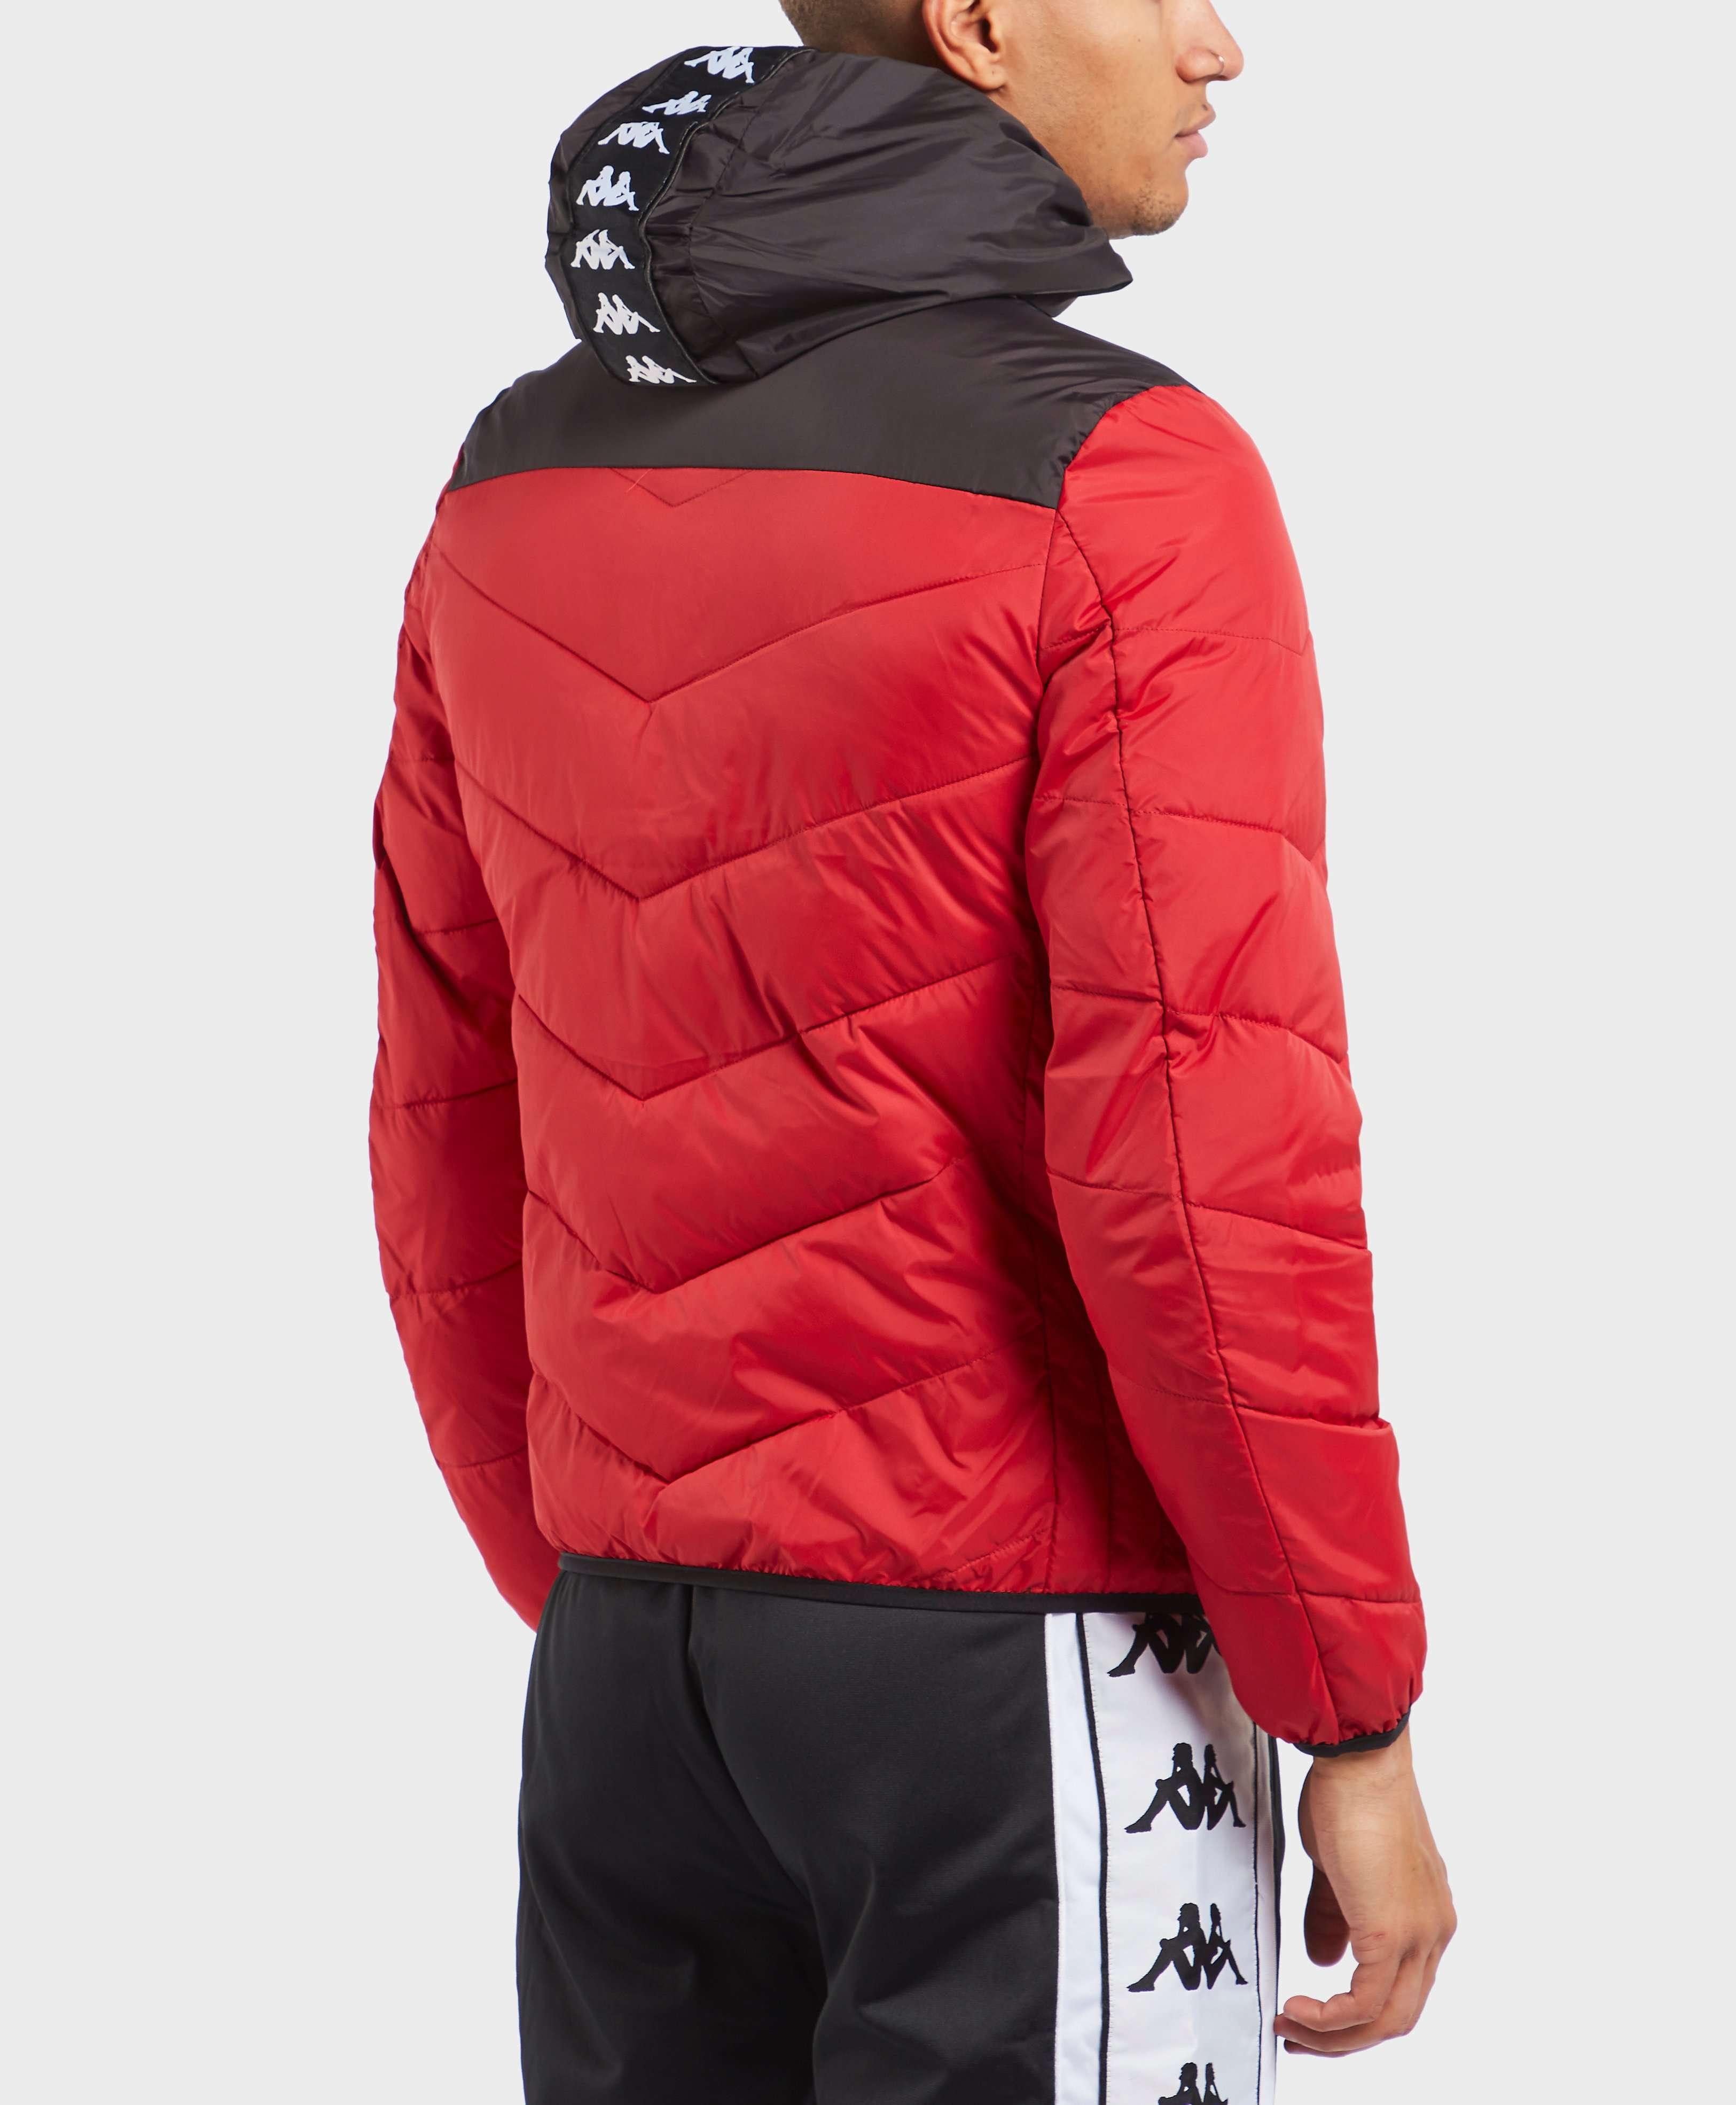 Kappa Authentic Banda Amarit Padded Jacket